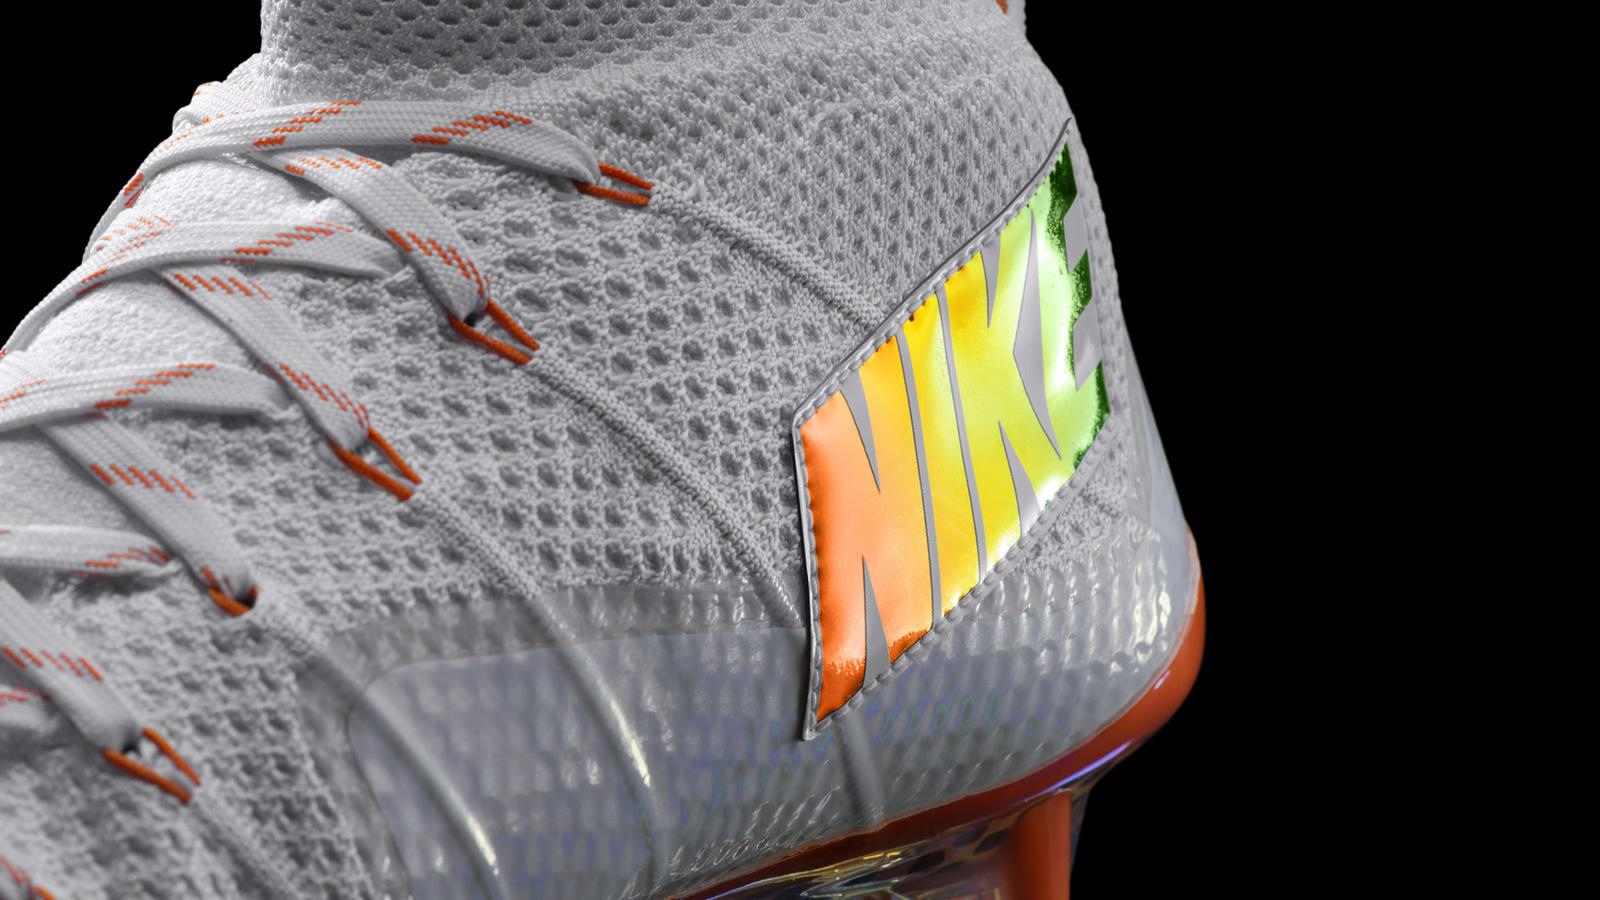 PurchaseNike Air Max 97 Cheap Nike Air Max 97 Bordeaux Tt630512 Trainer Hot Sale